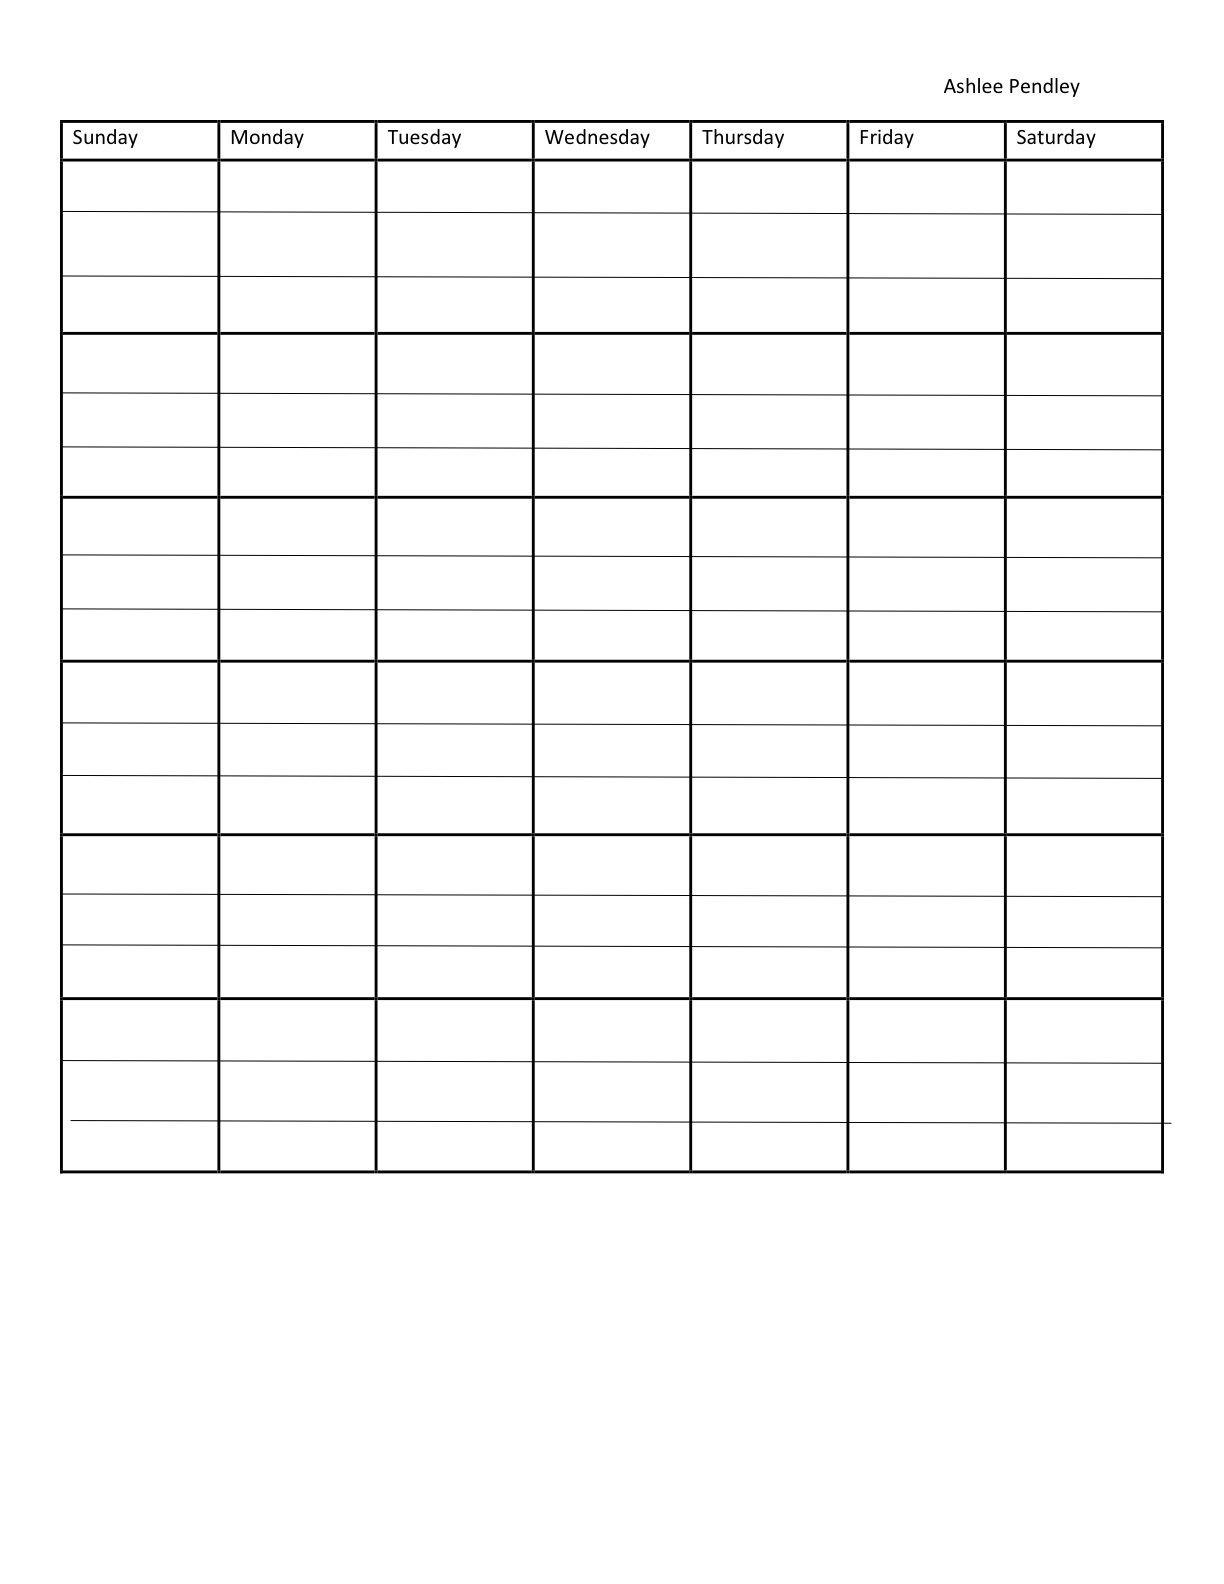 Blank Seven Day Calendar | Calendar Template, Weekly Calendar Template For 7 Days